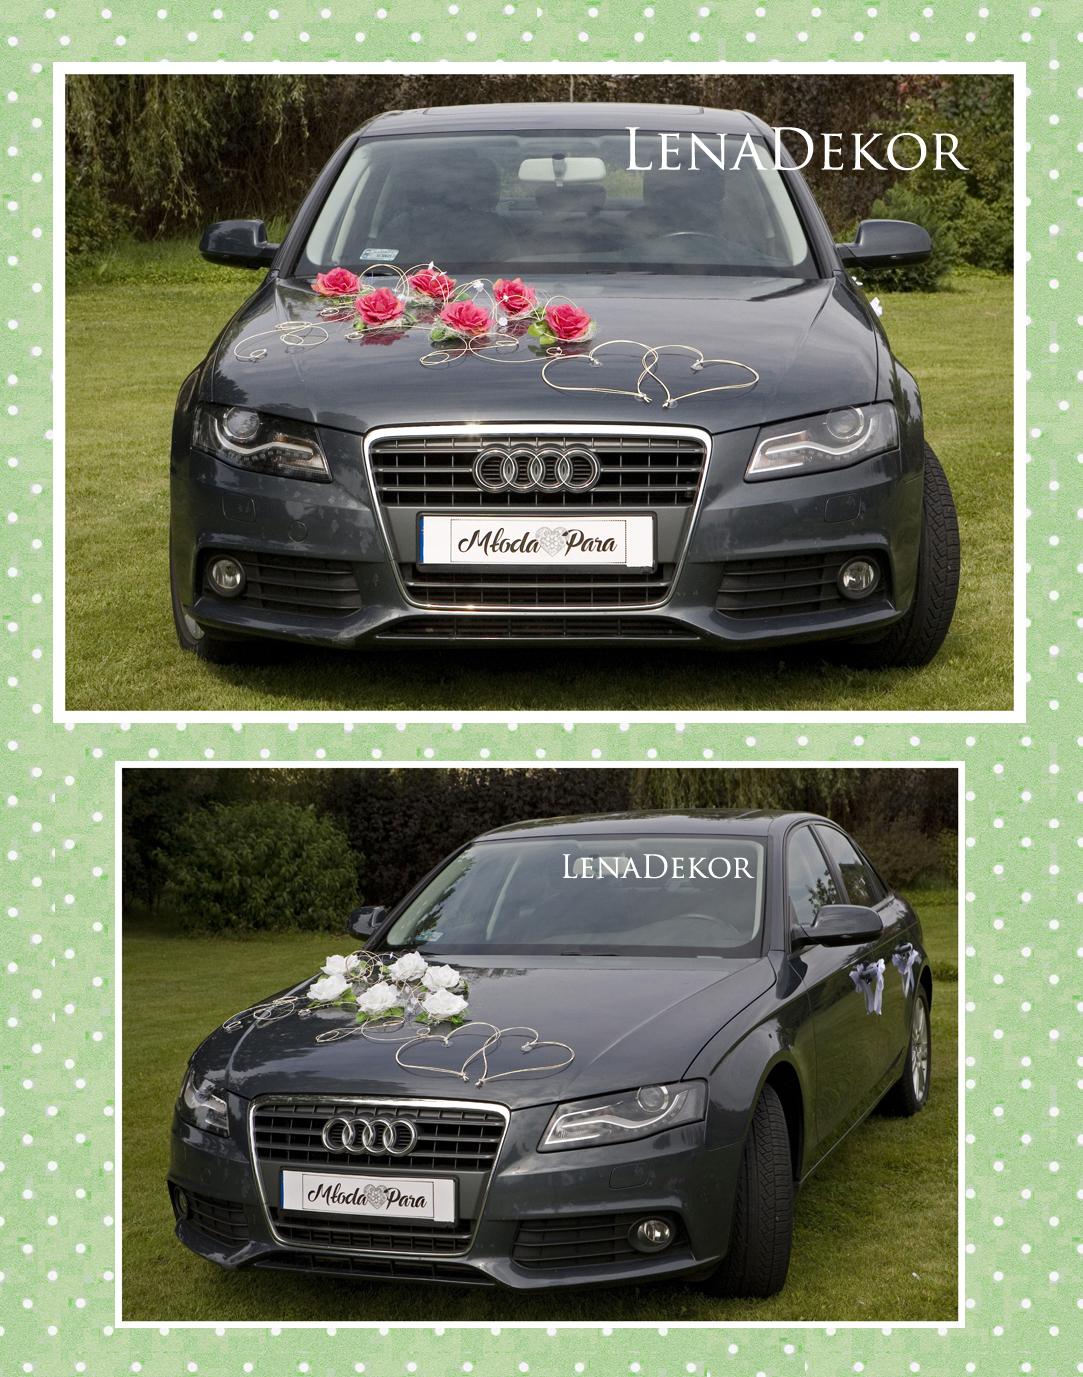 ZUZA - dekoracja na samochód ślubny wedding car decoration